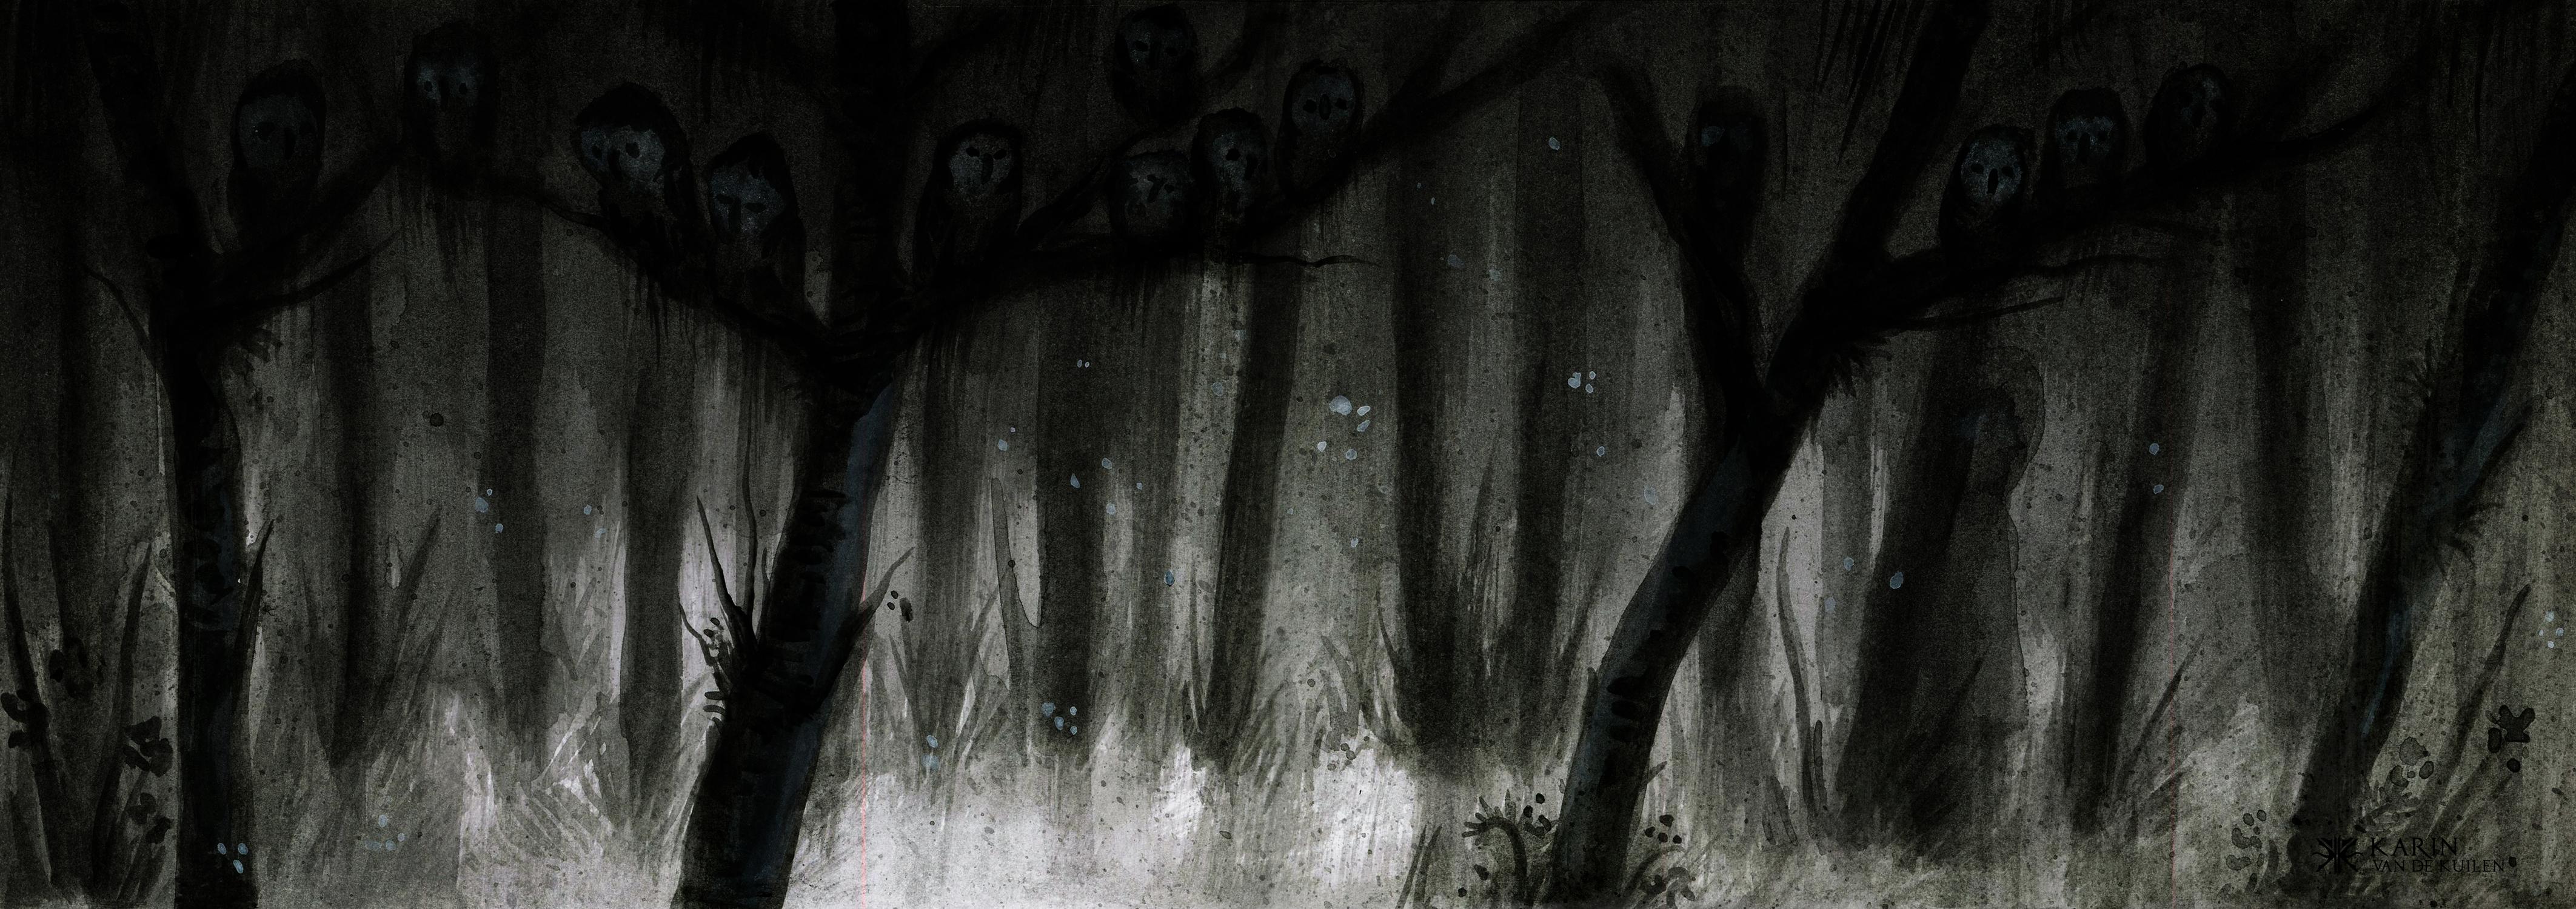 Shadow eyes Artwork by Karin  van de Kuilen